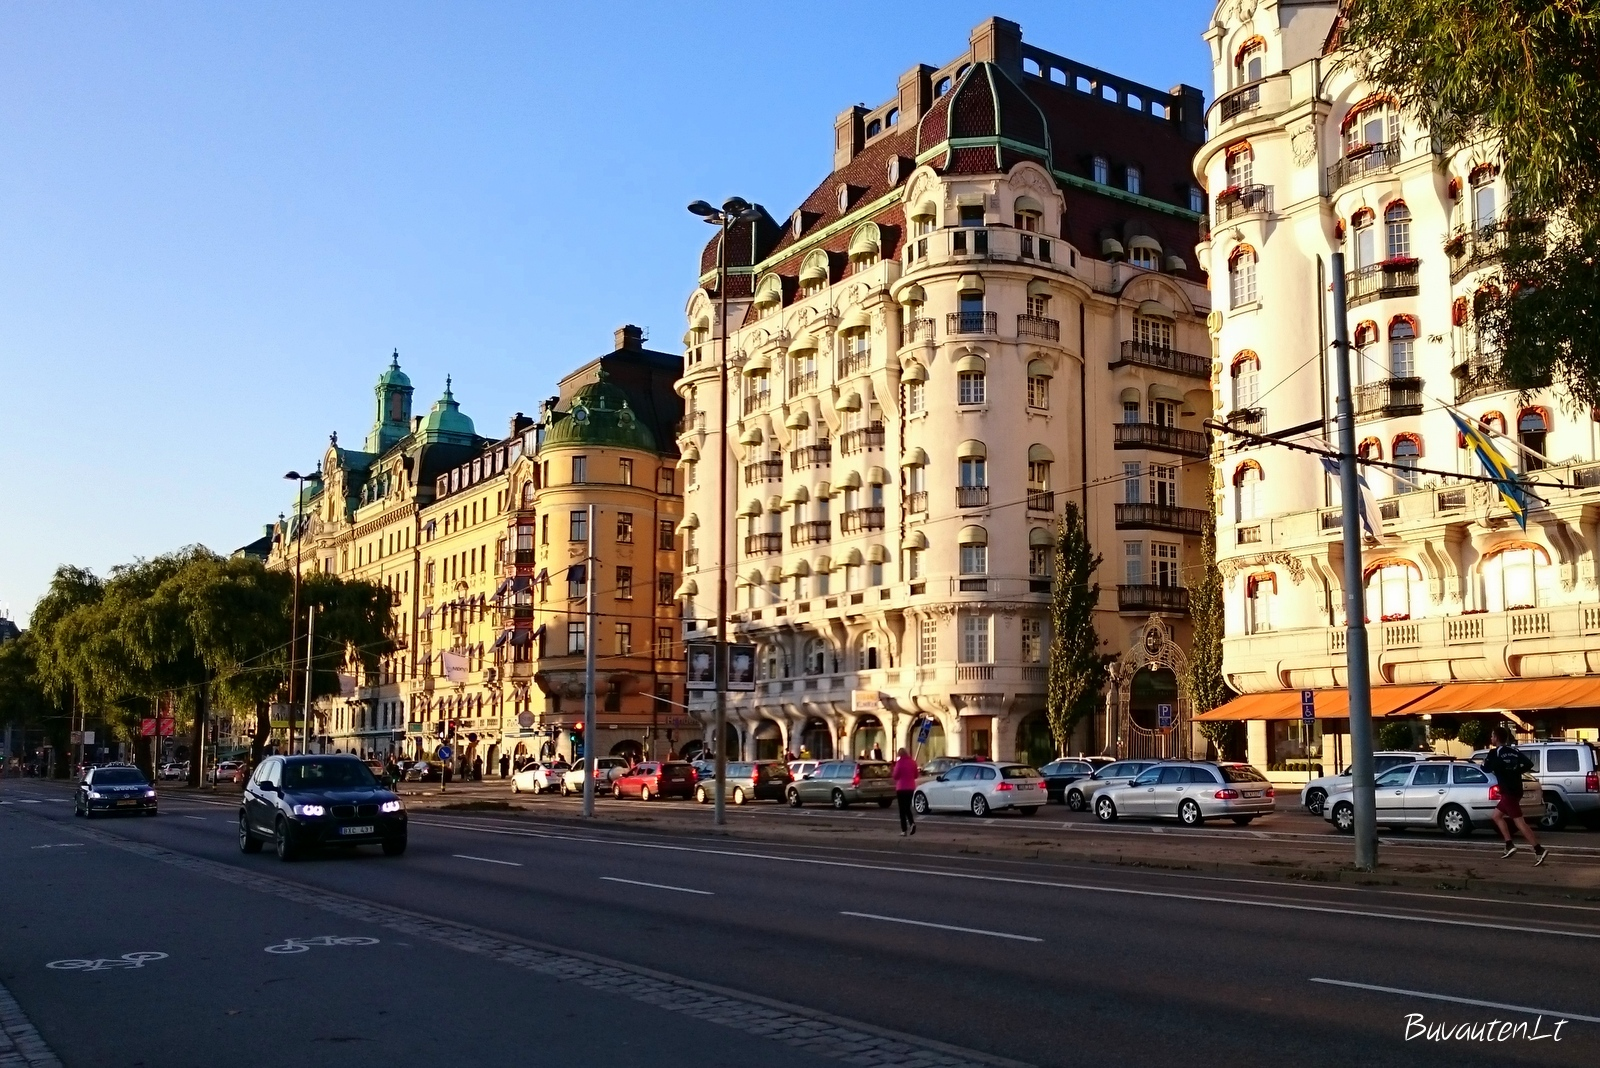 Viena brangiausių Stokholme – Strandvägen gatvė